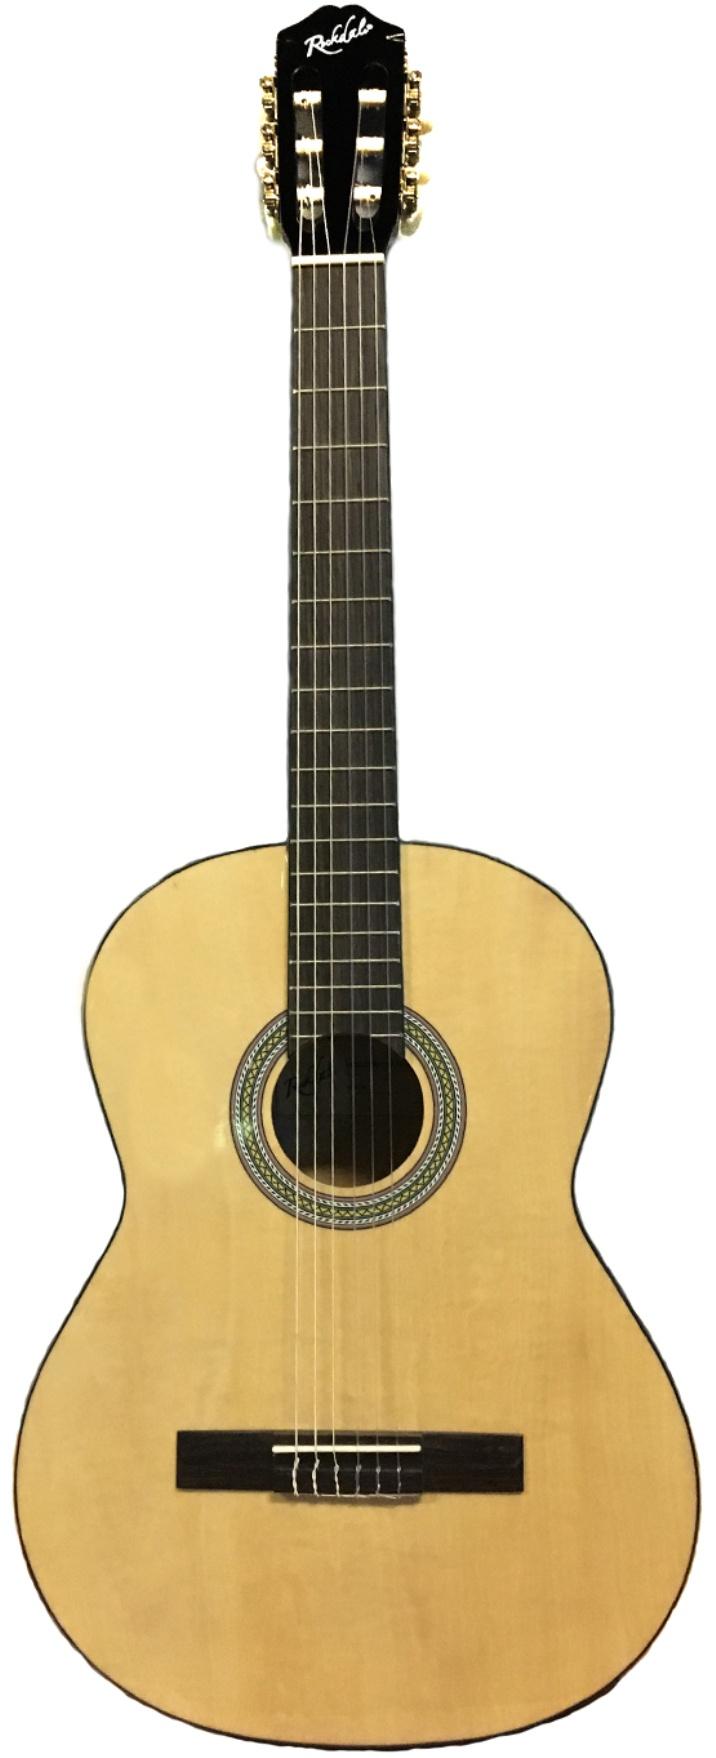 лучшая цена Классическая гитара ROCKDALE MODERN CLASSIC, цвет - натуральный